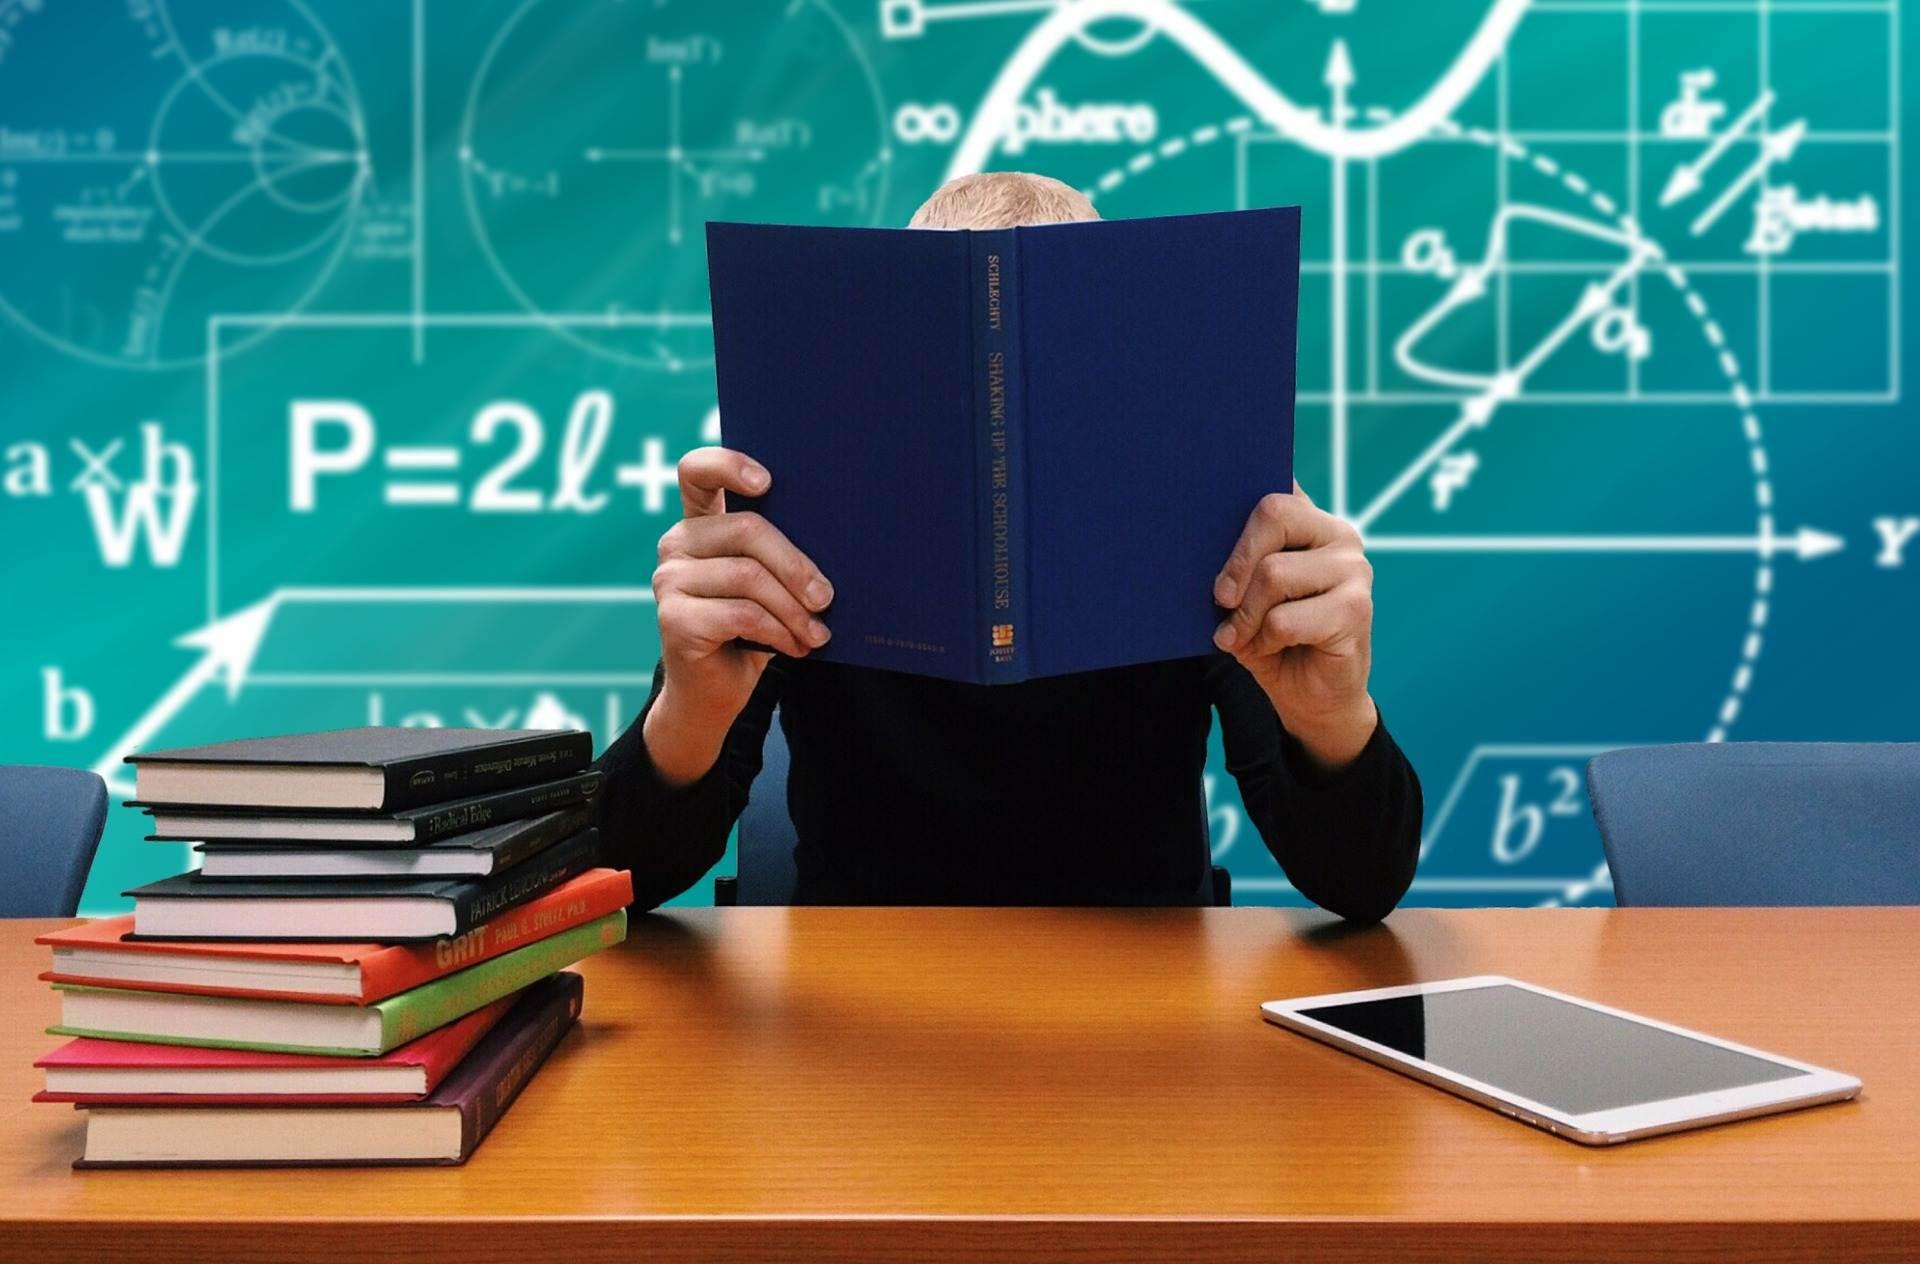 Quem não está muito afiado na Química, ainda pode correr atrás do prejuízo durante a faculdade | Foto: Pixabay